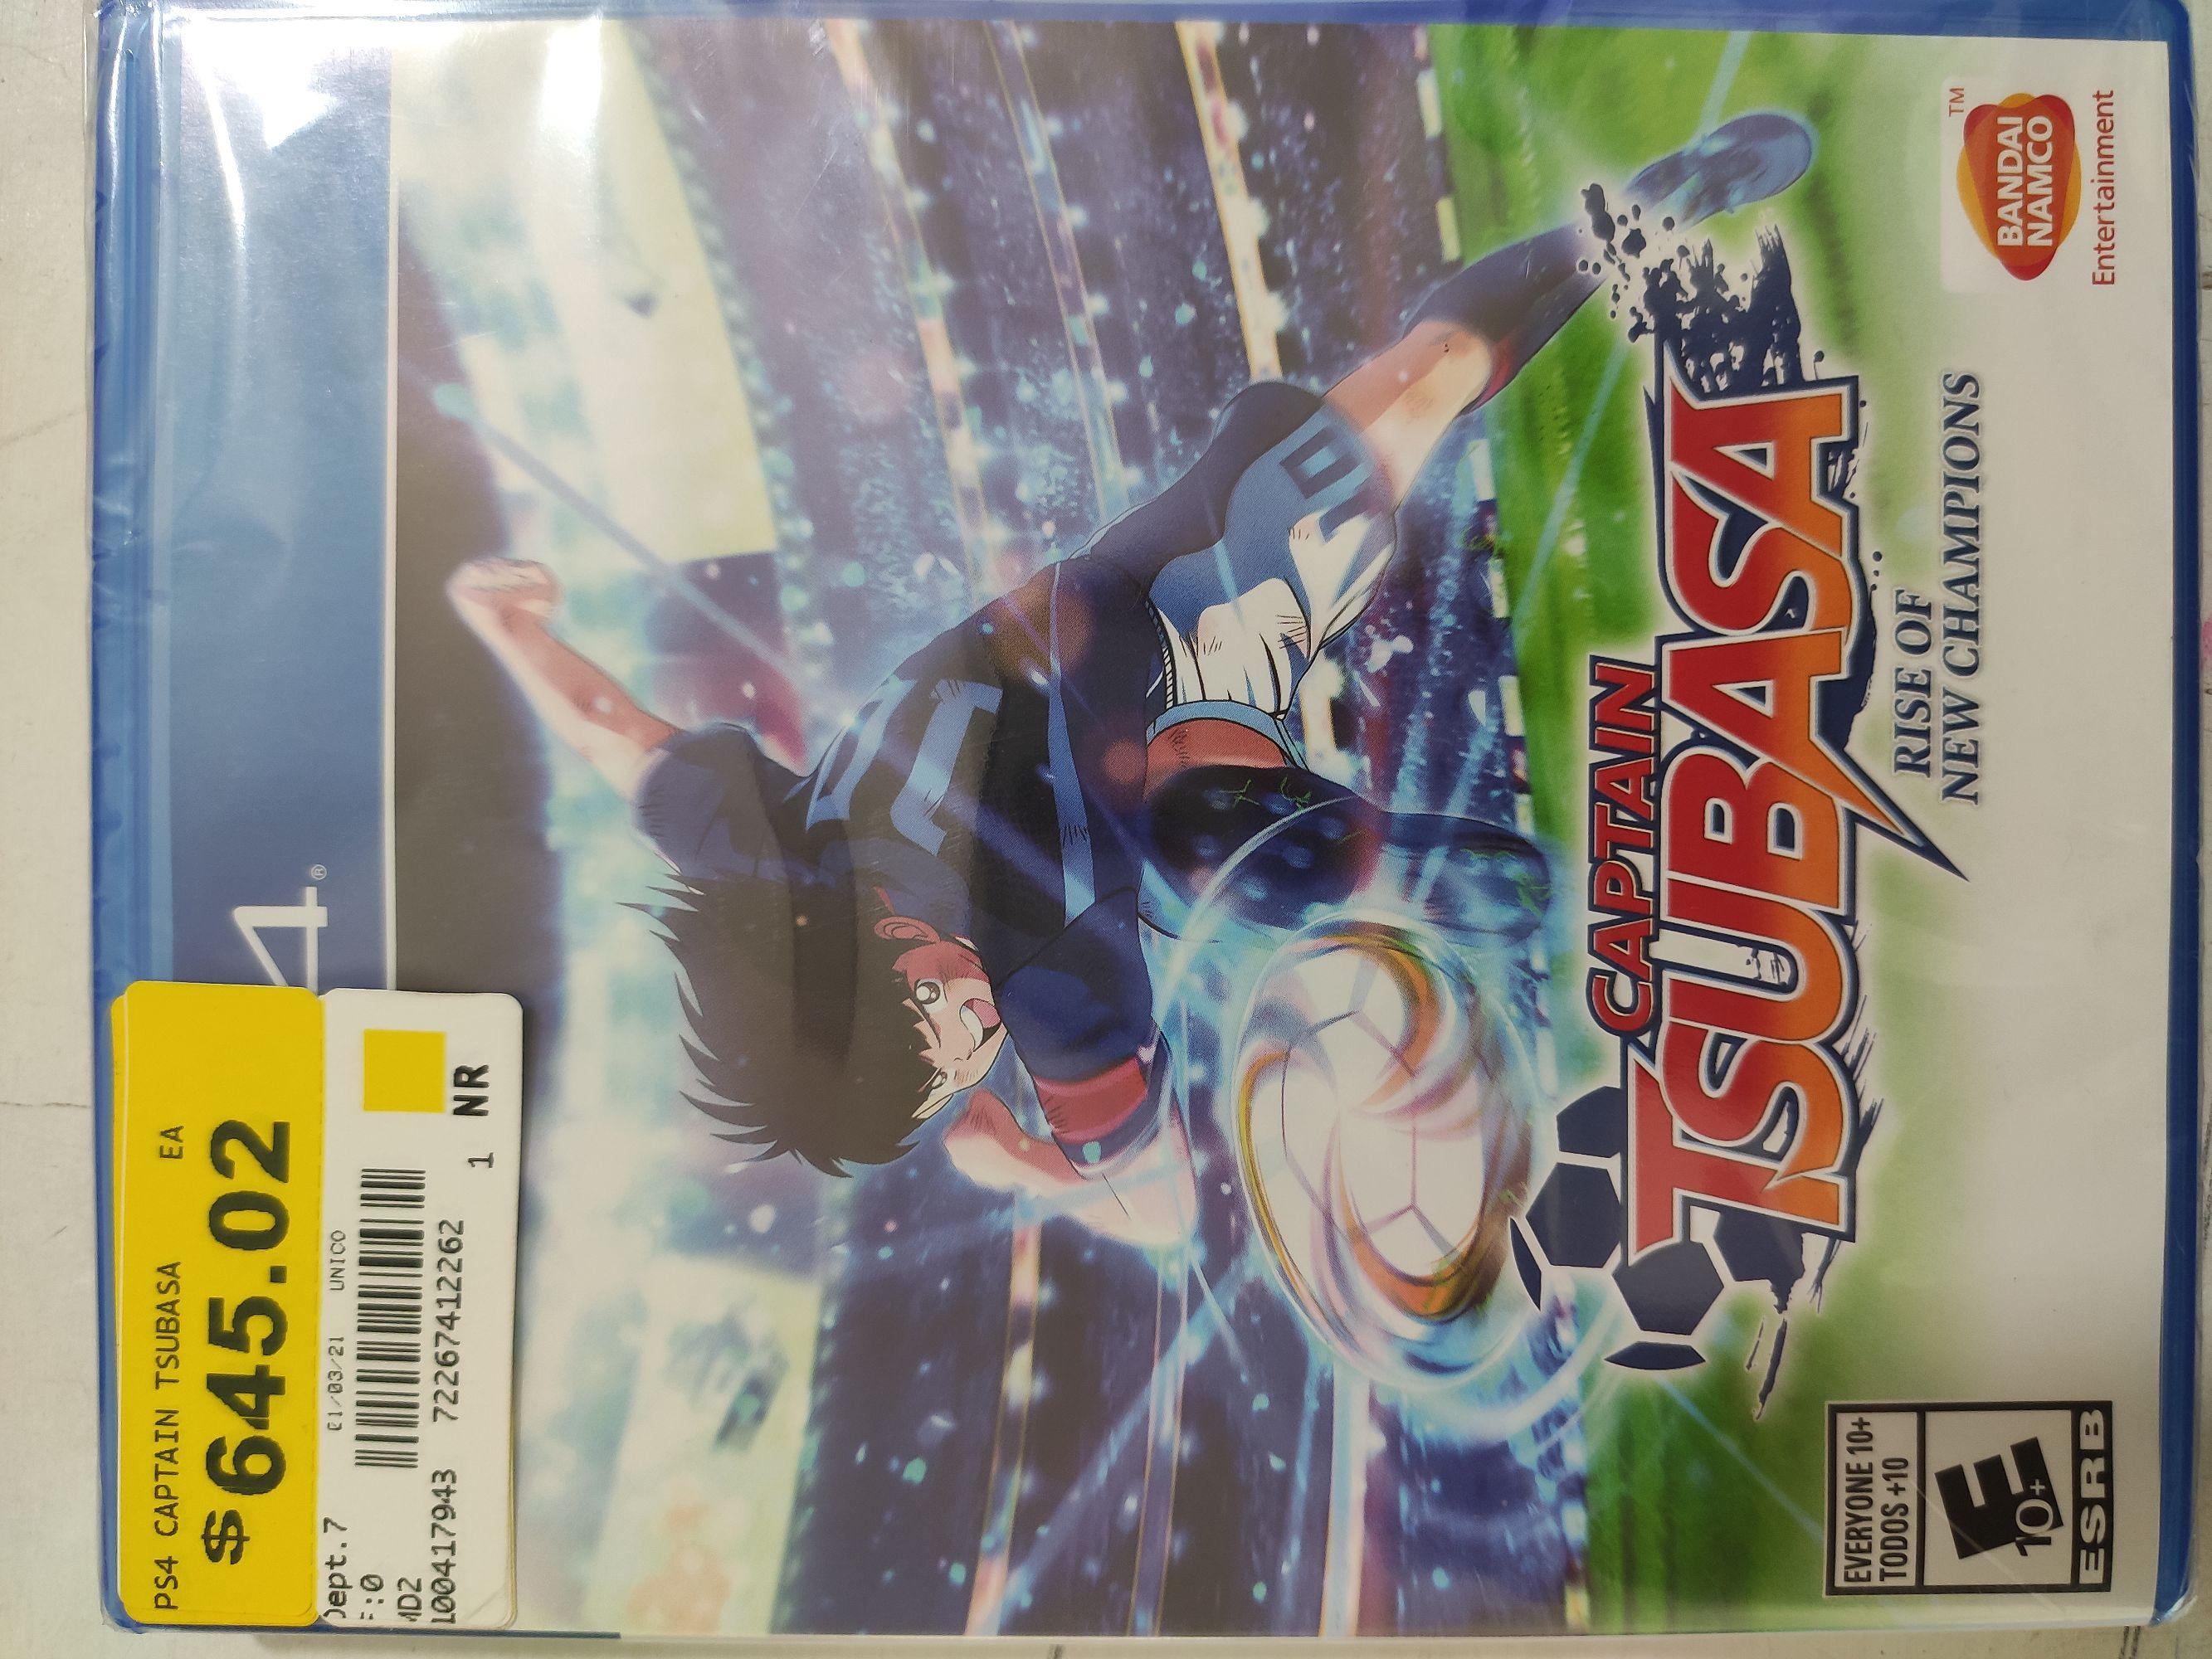 Bodega Aurrerá: PS4 juego capitán Tsubasa